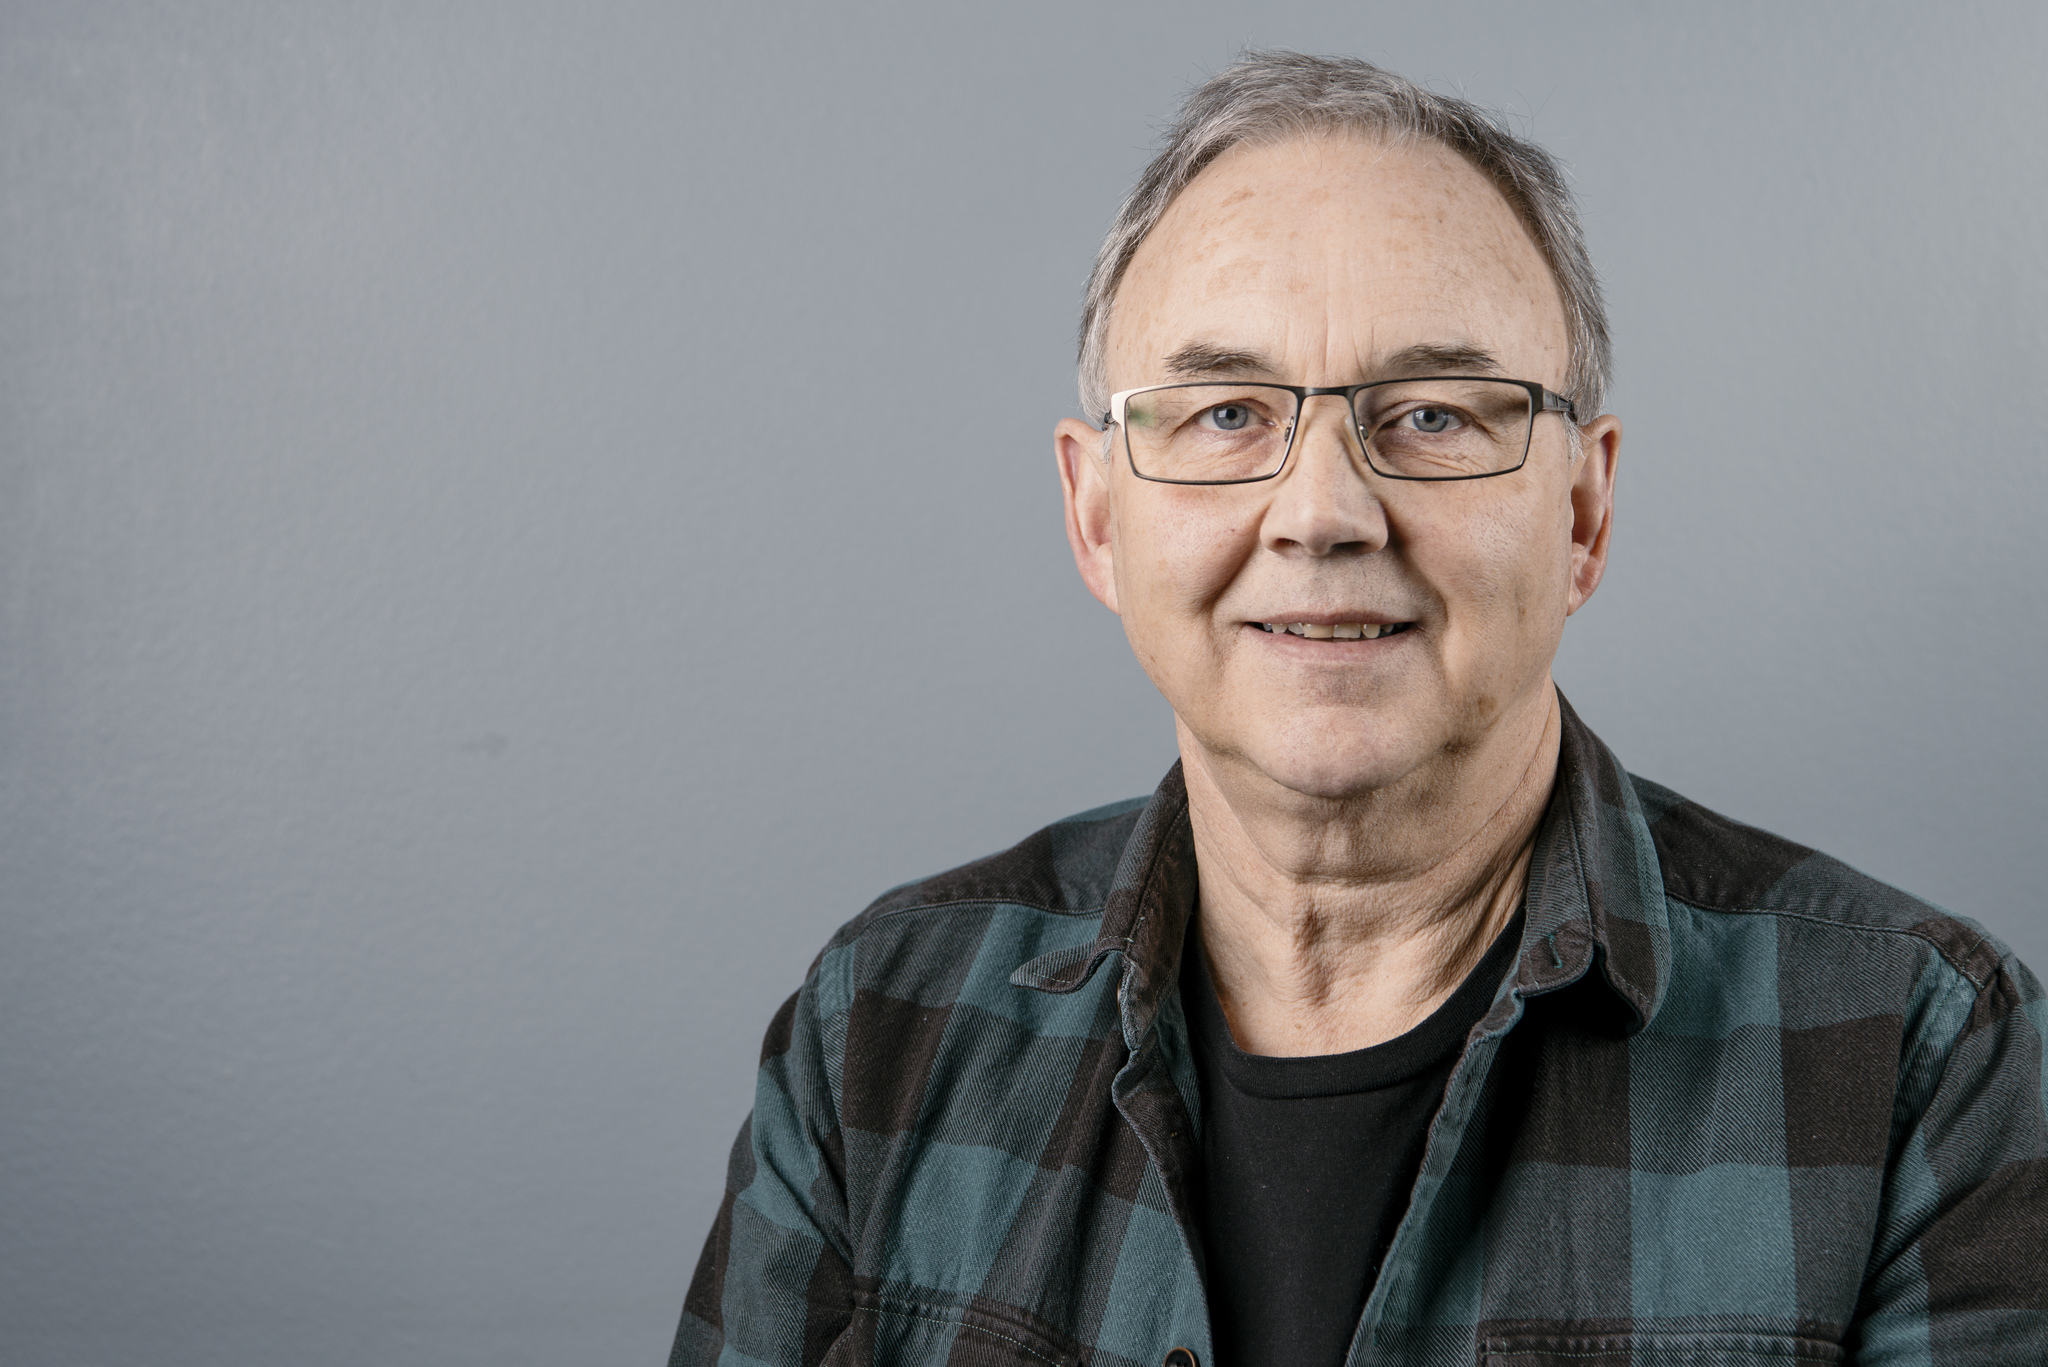 SV vil redde klimaet og norske arbeidsplasser